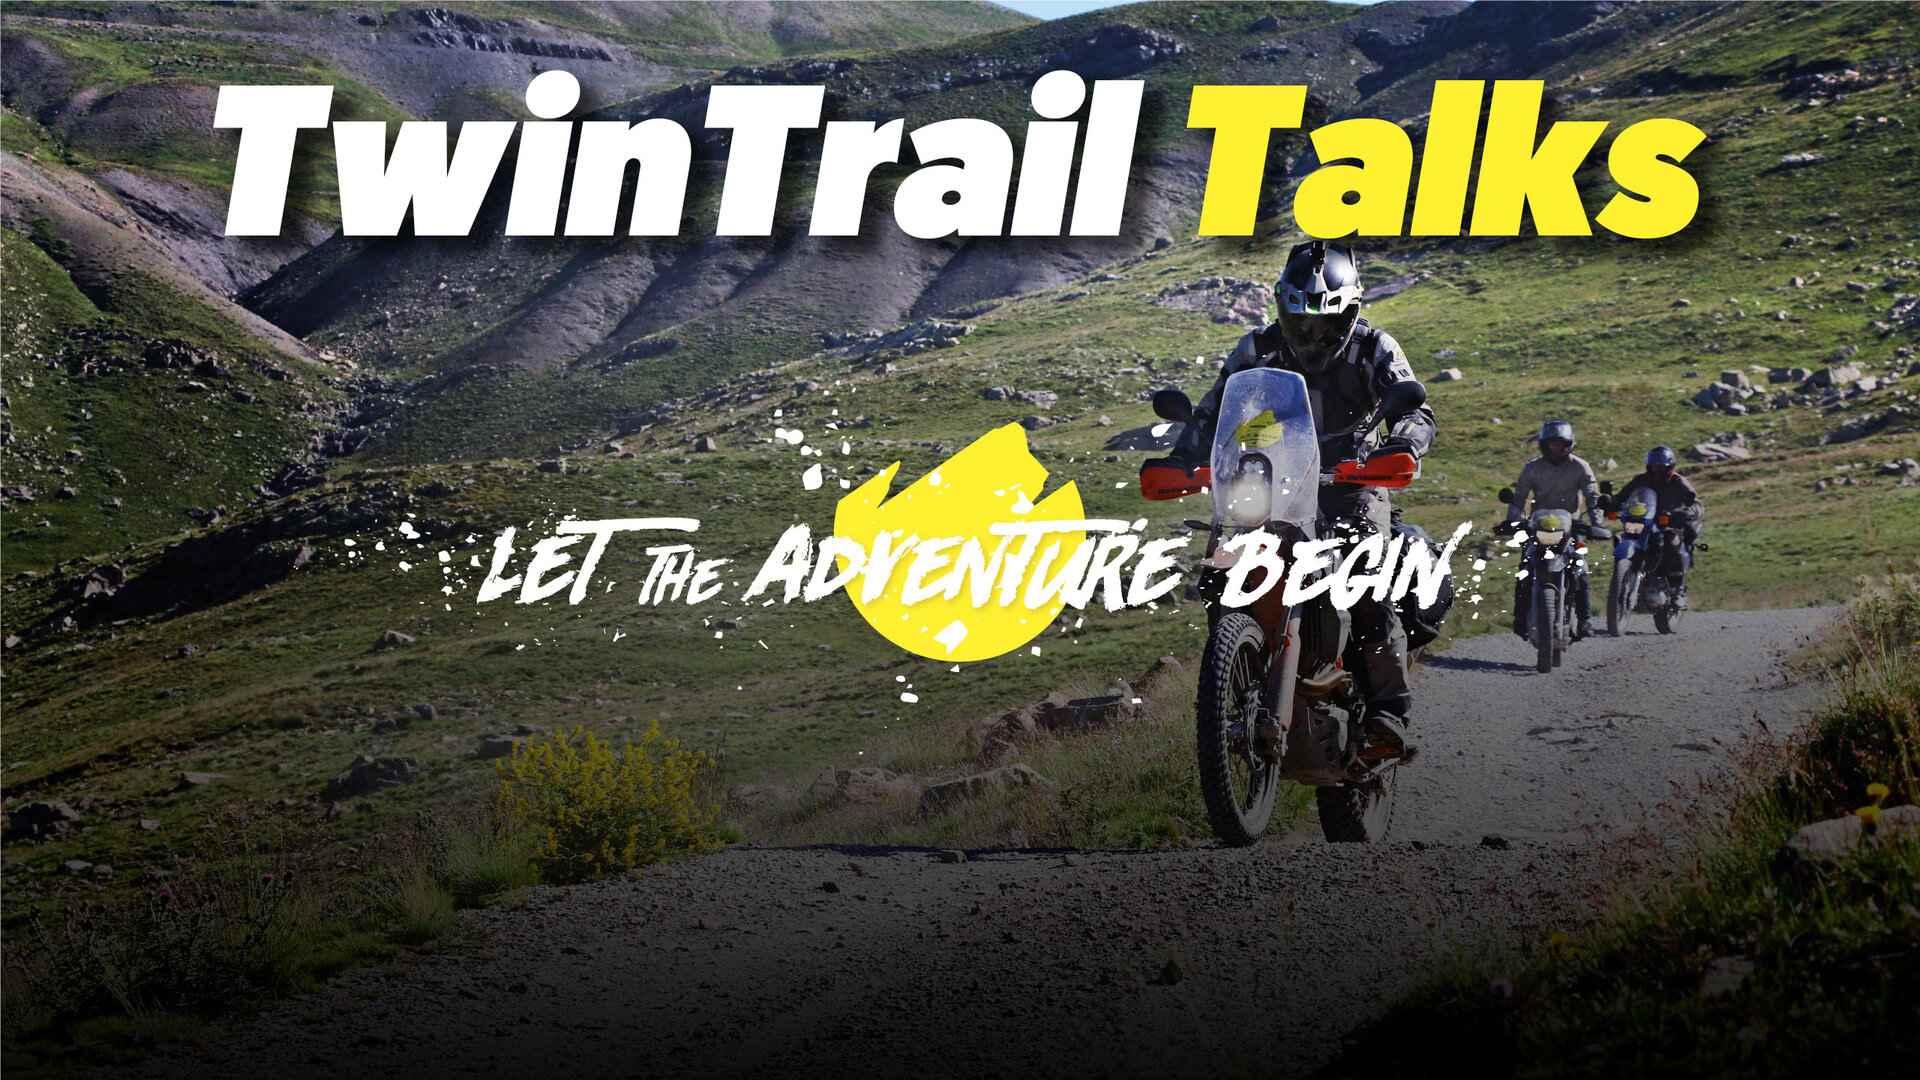 TwinTrail Talks